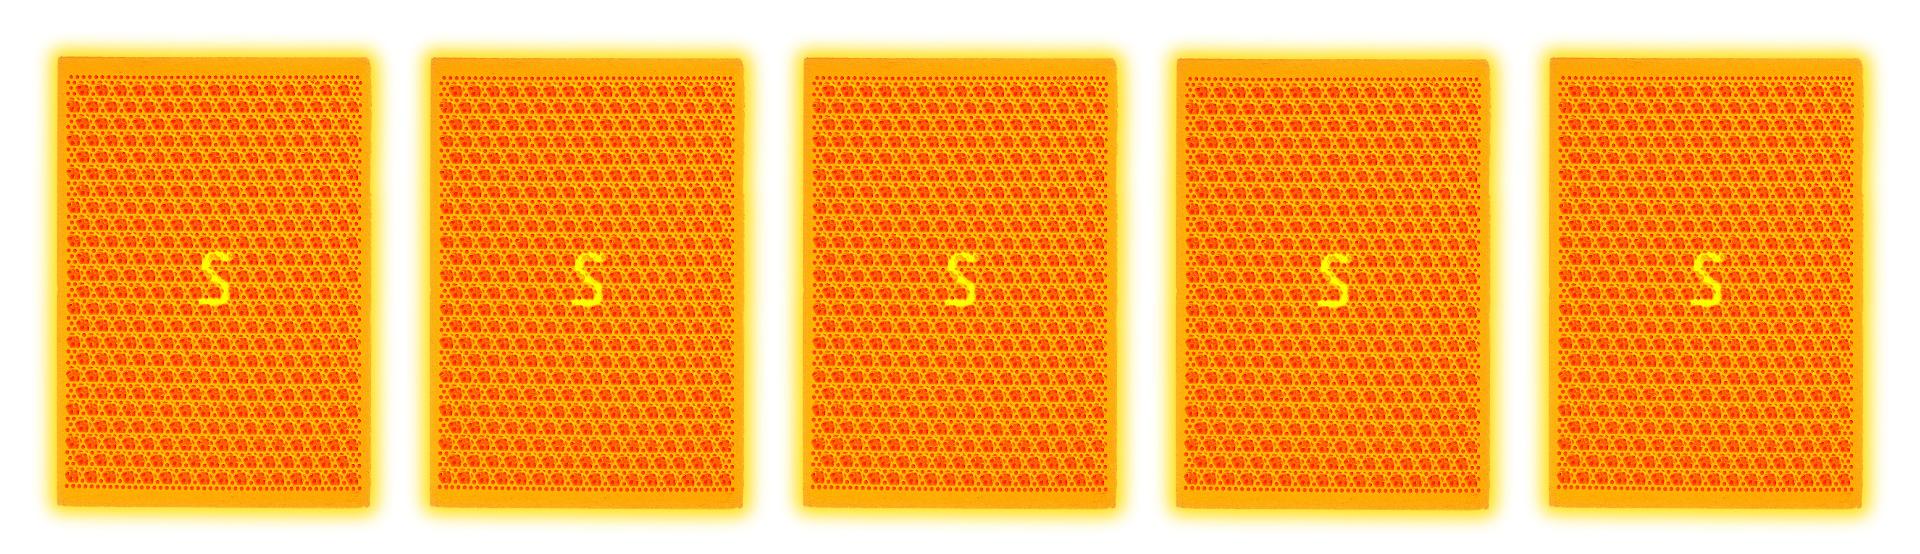 schwank-burners_keramische-platen_produkte